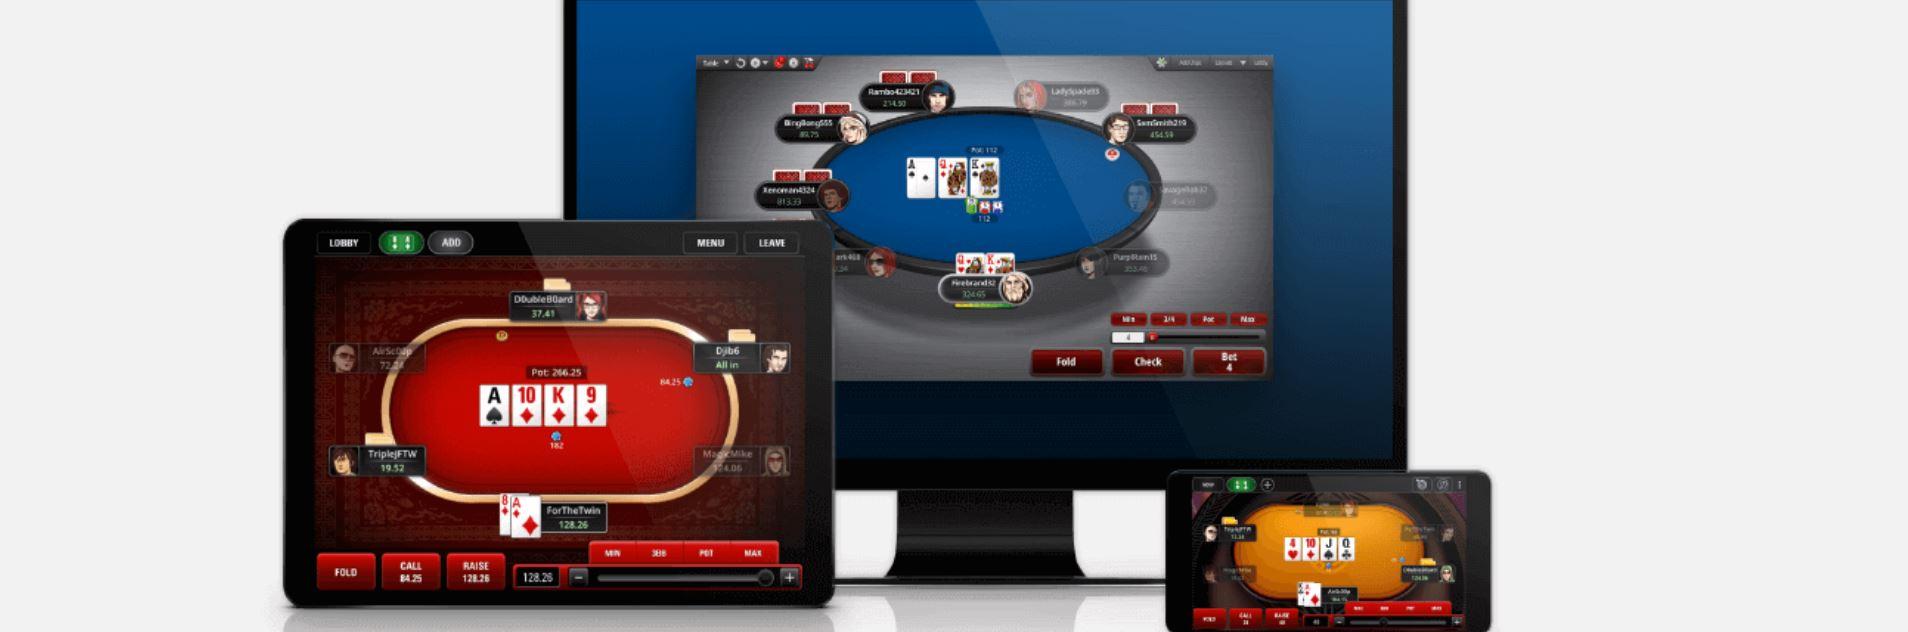 Es posible disfrutar de tu bono póker en jugadas online.